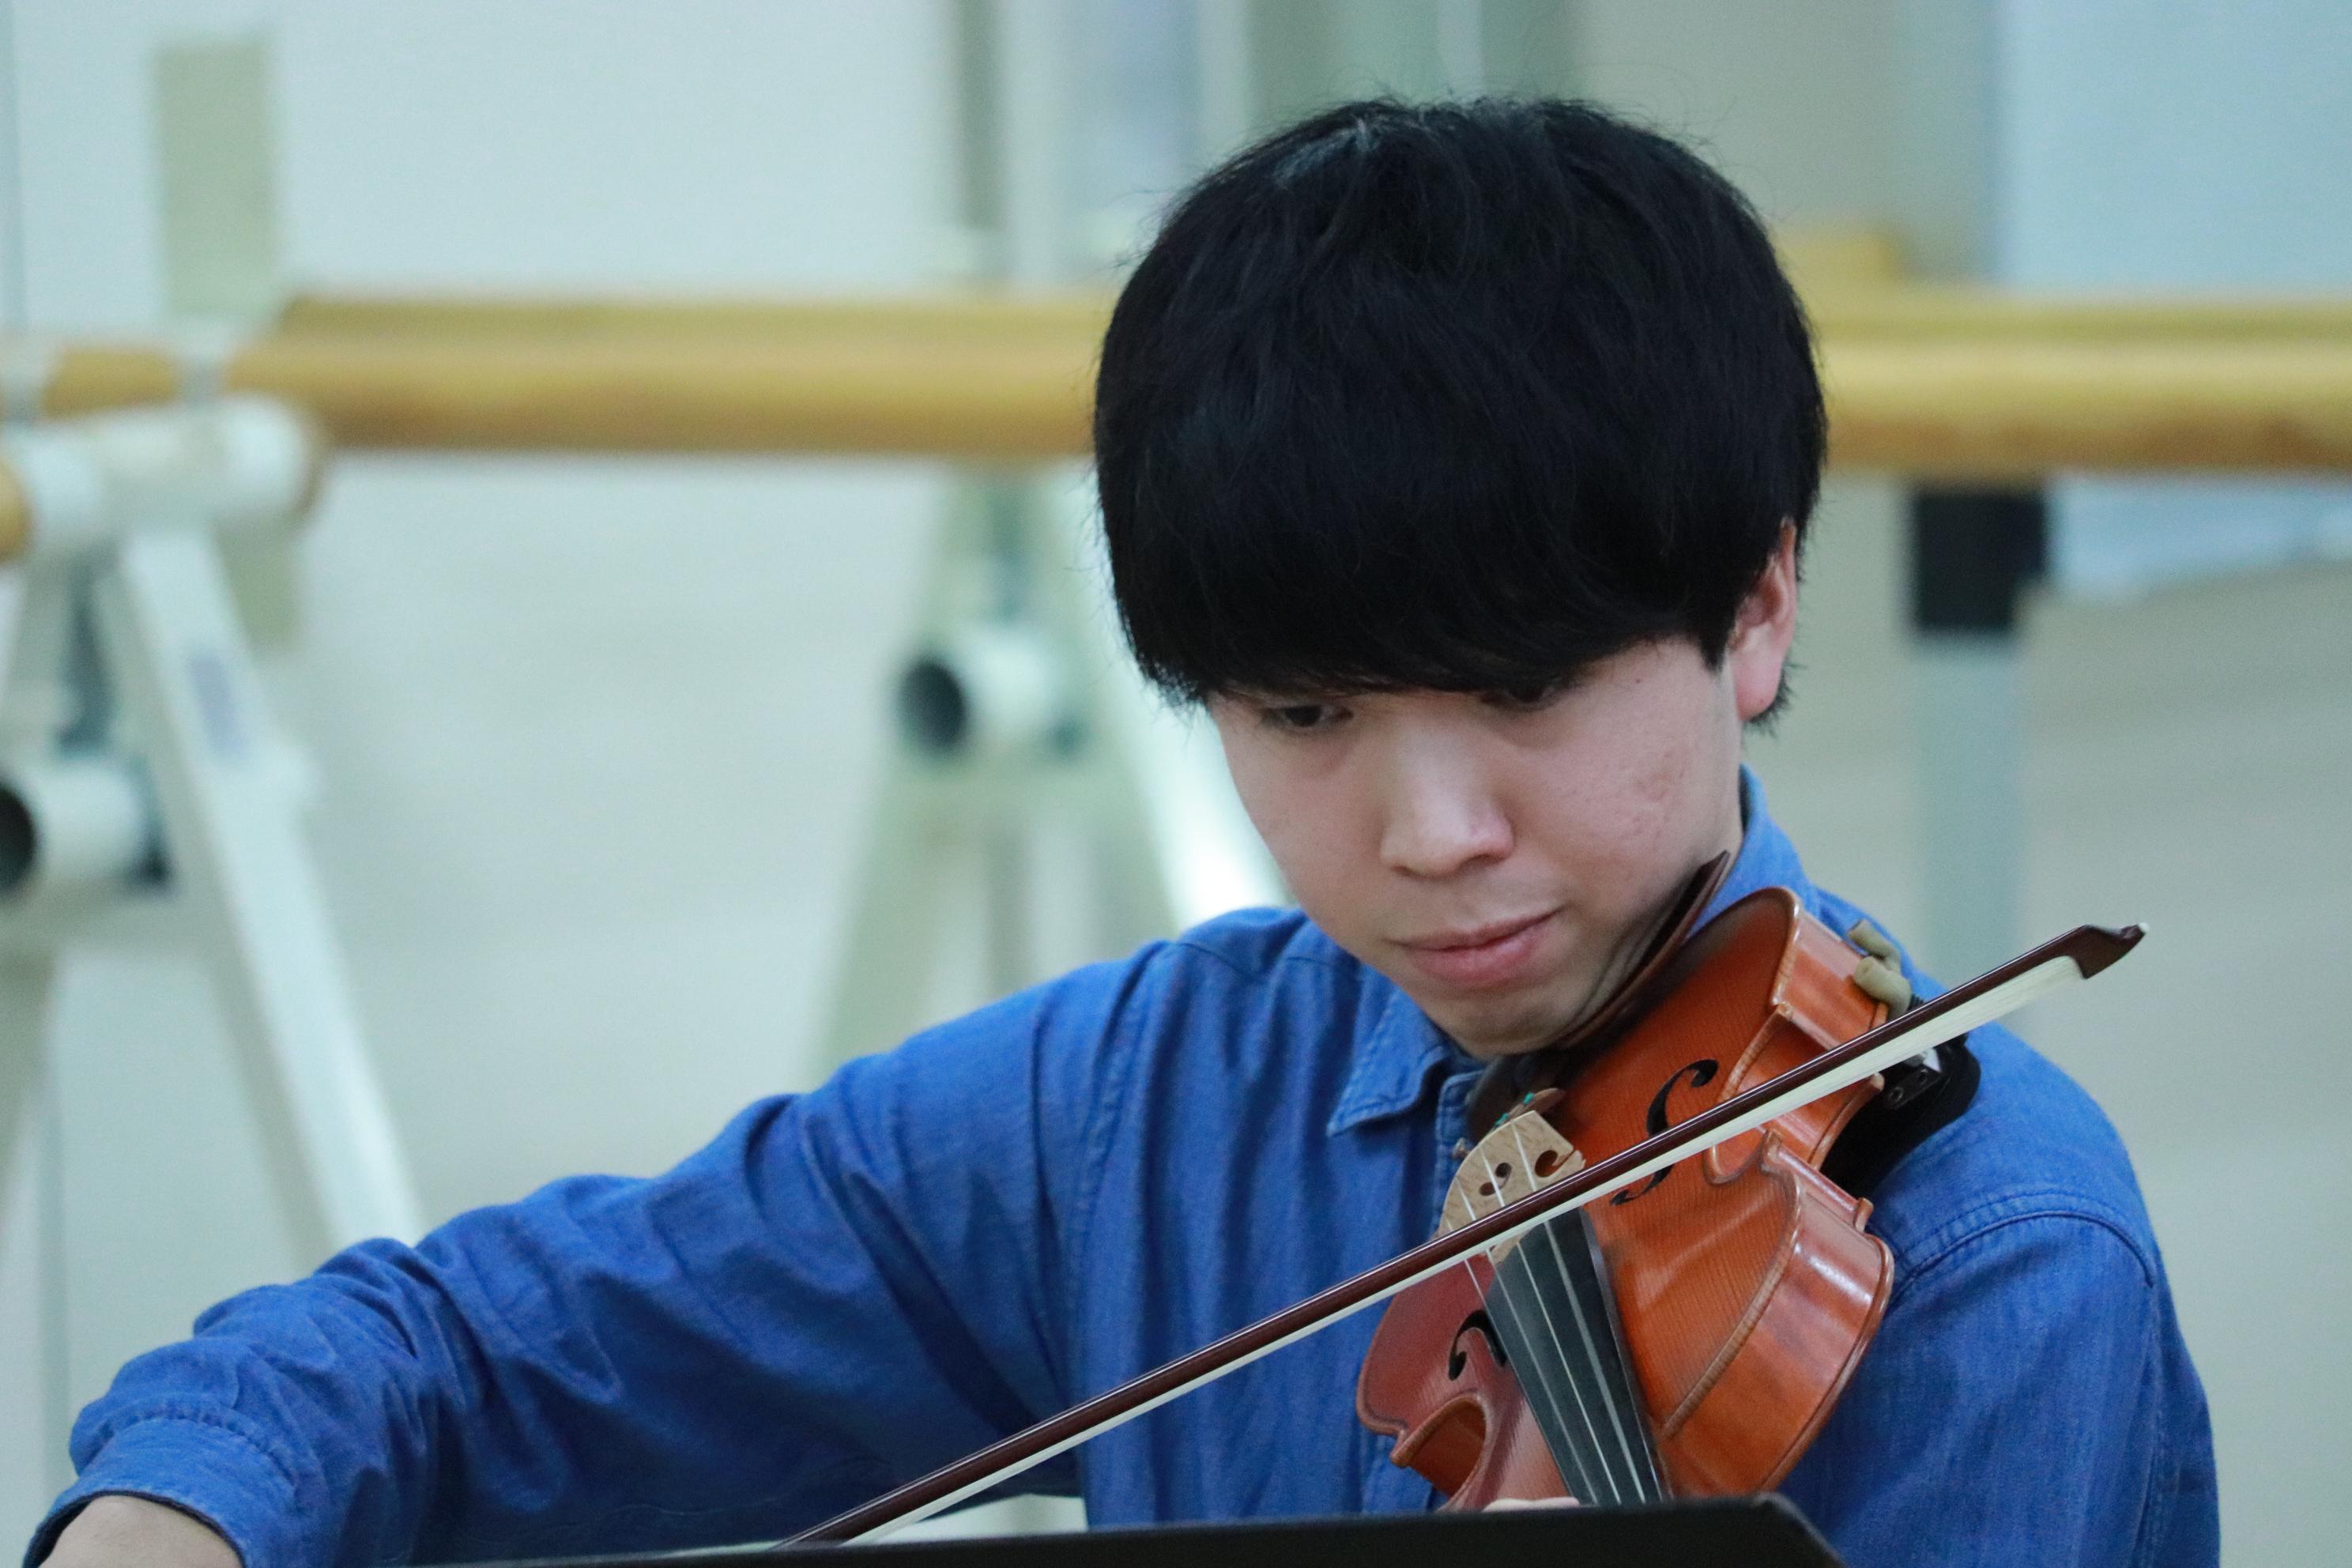 ヴァイオリン奏者の男性。